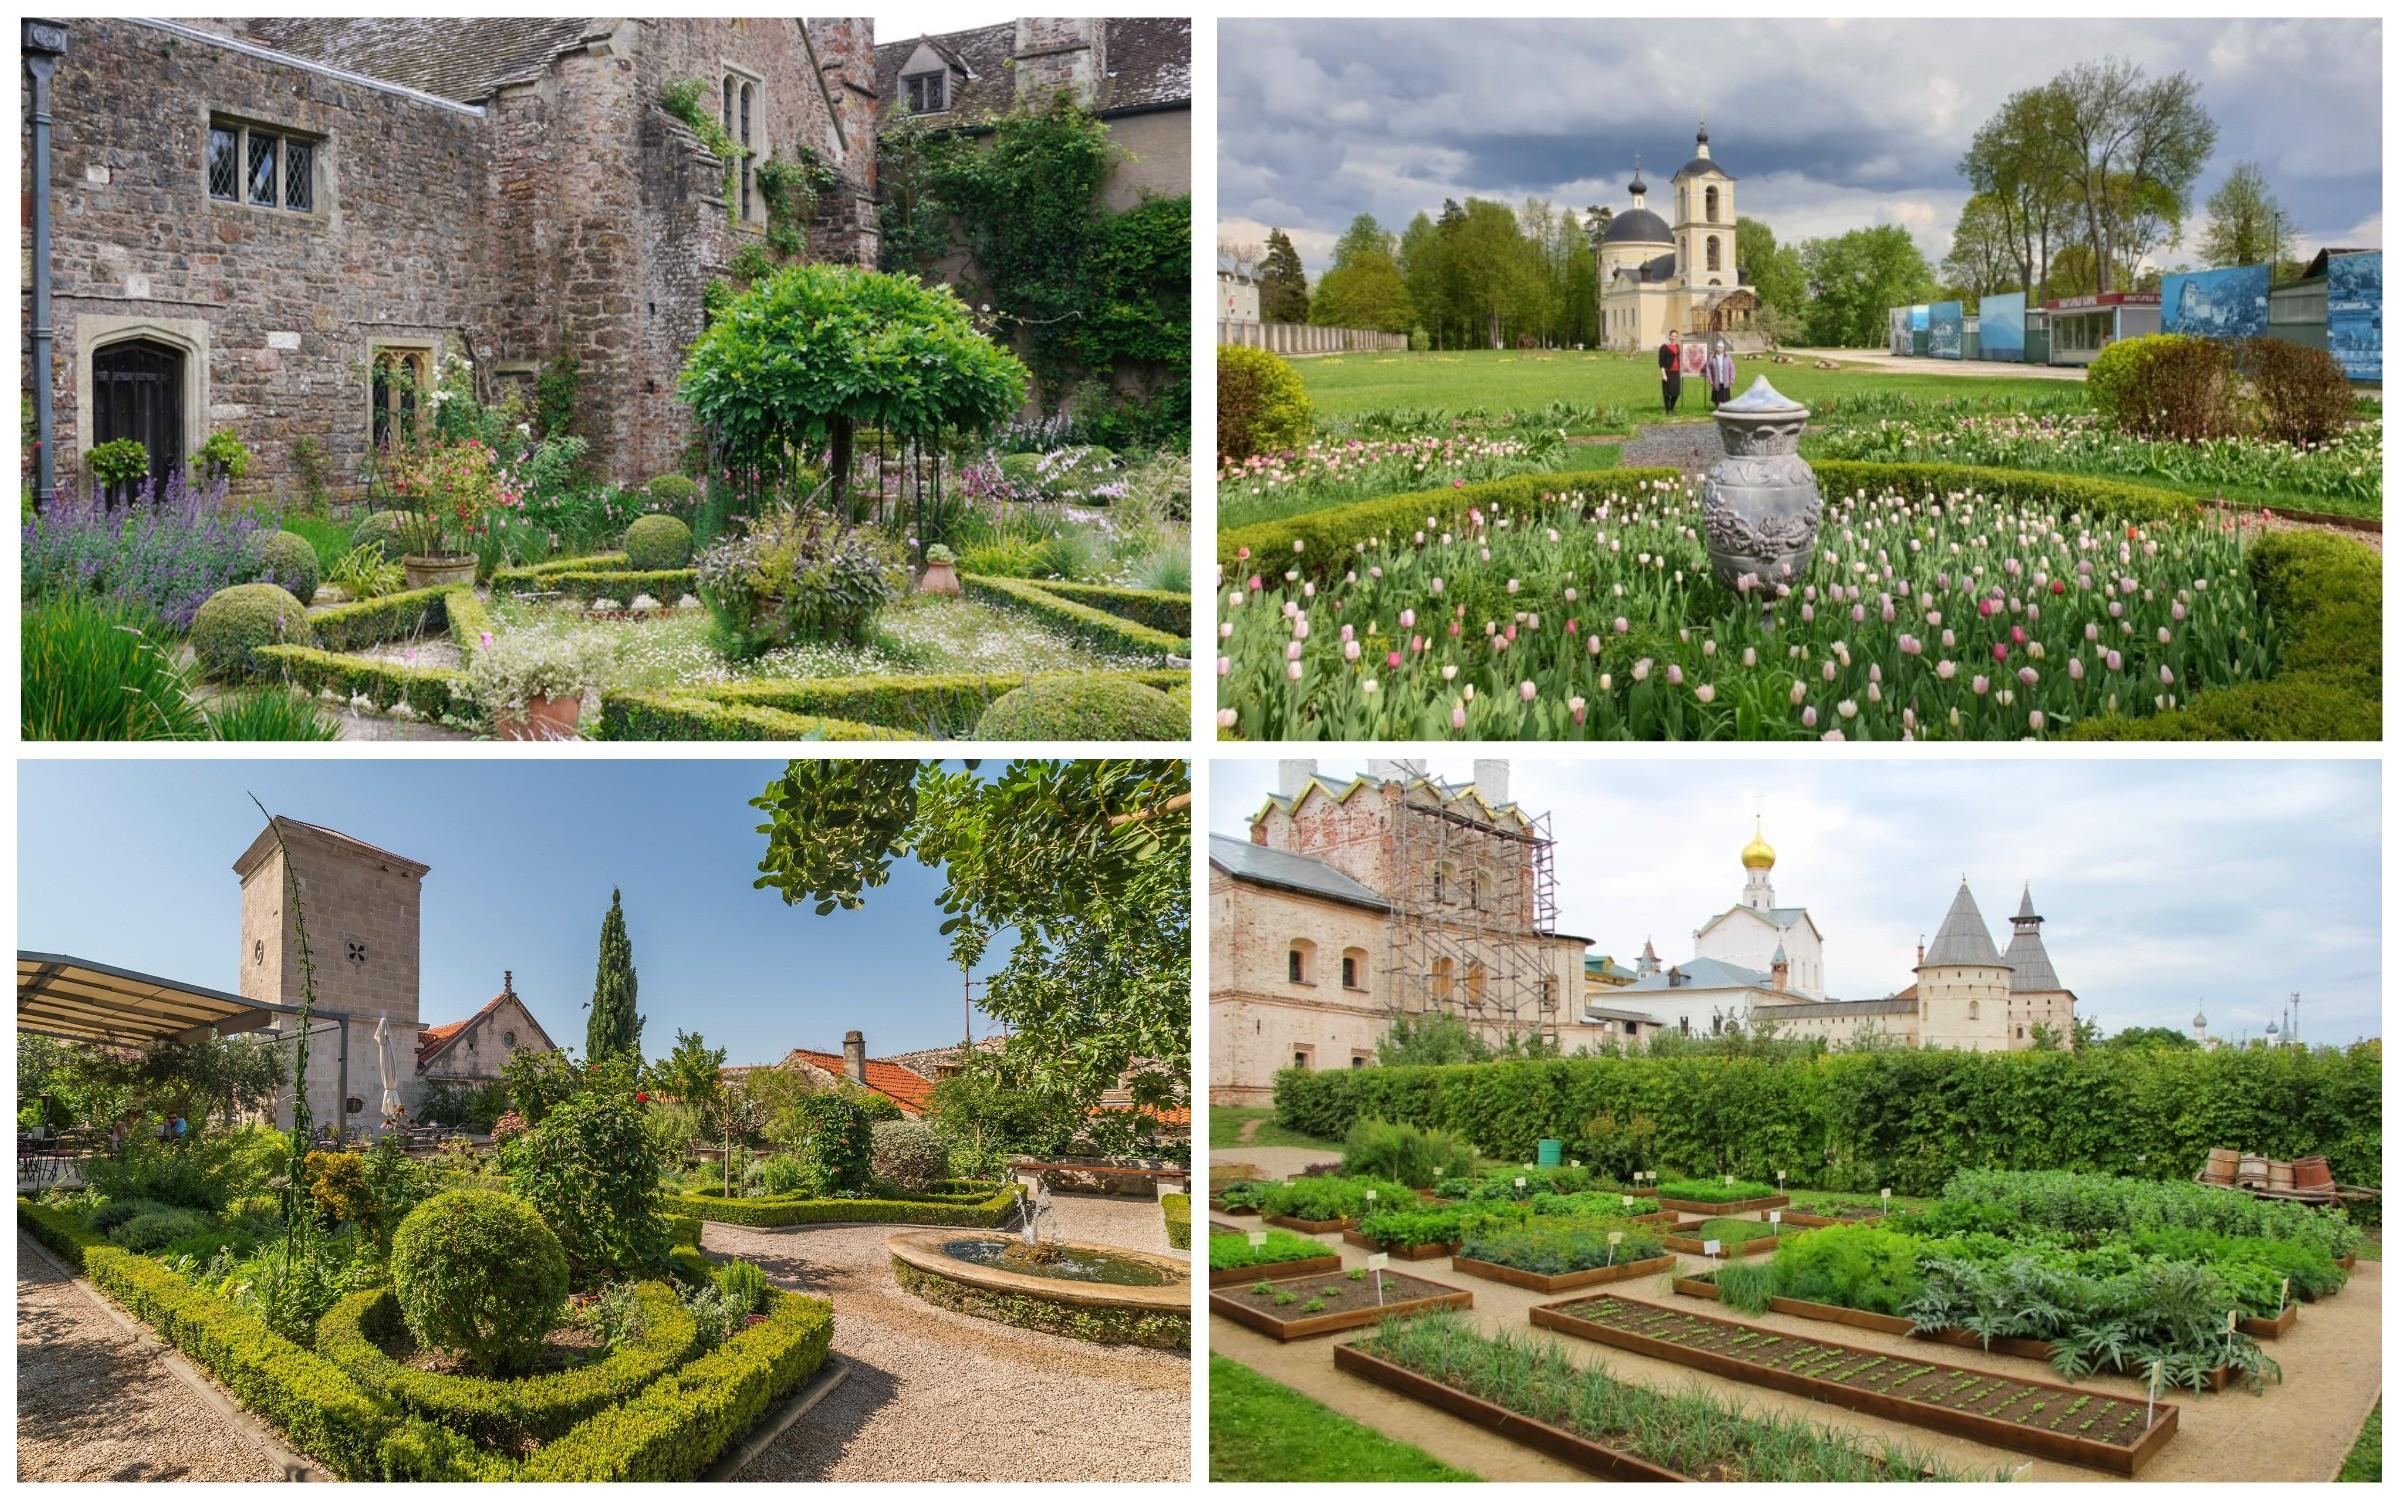 фото сад в монастырском стиле